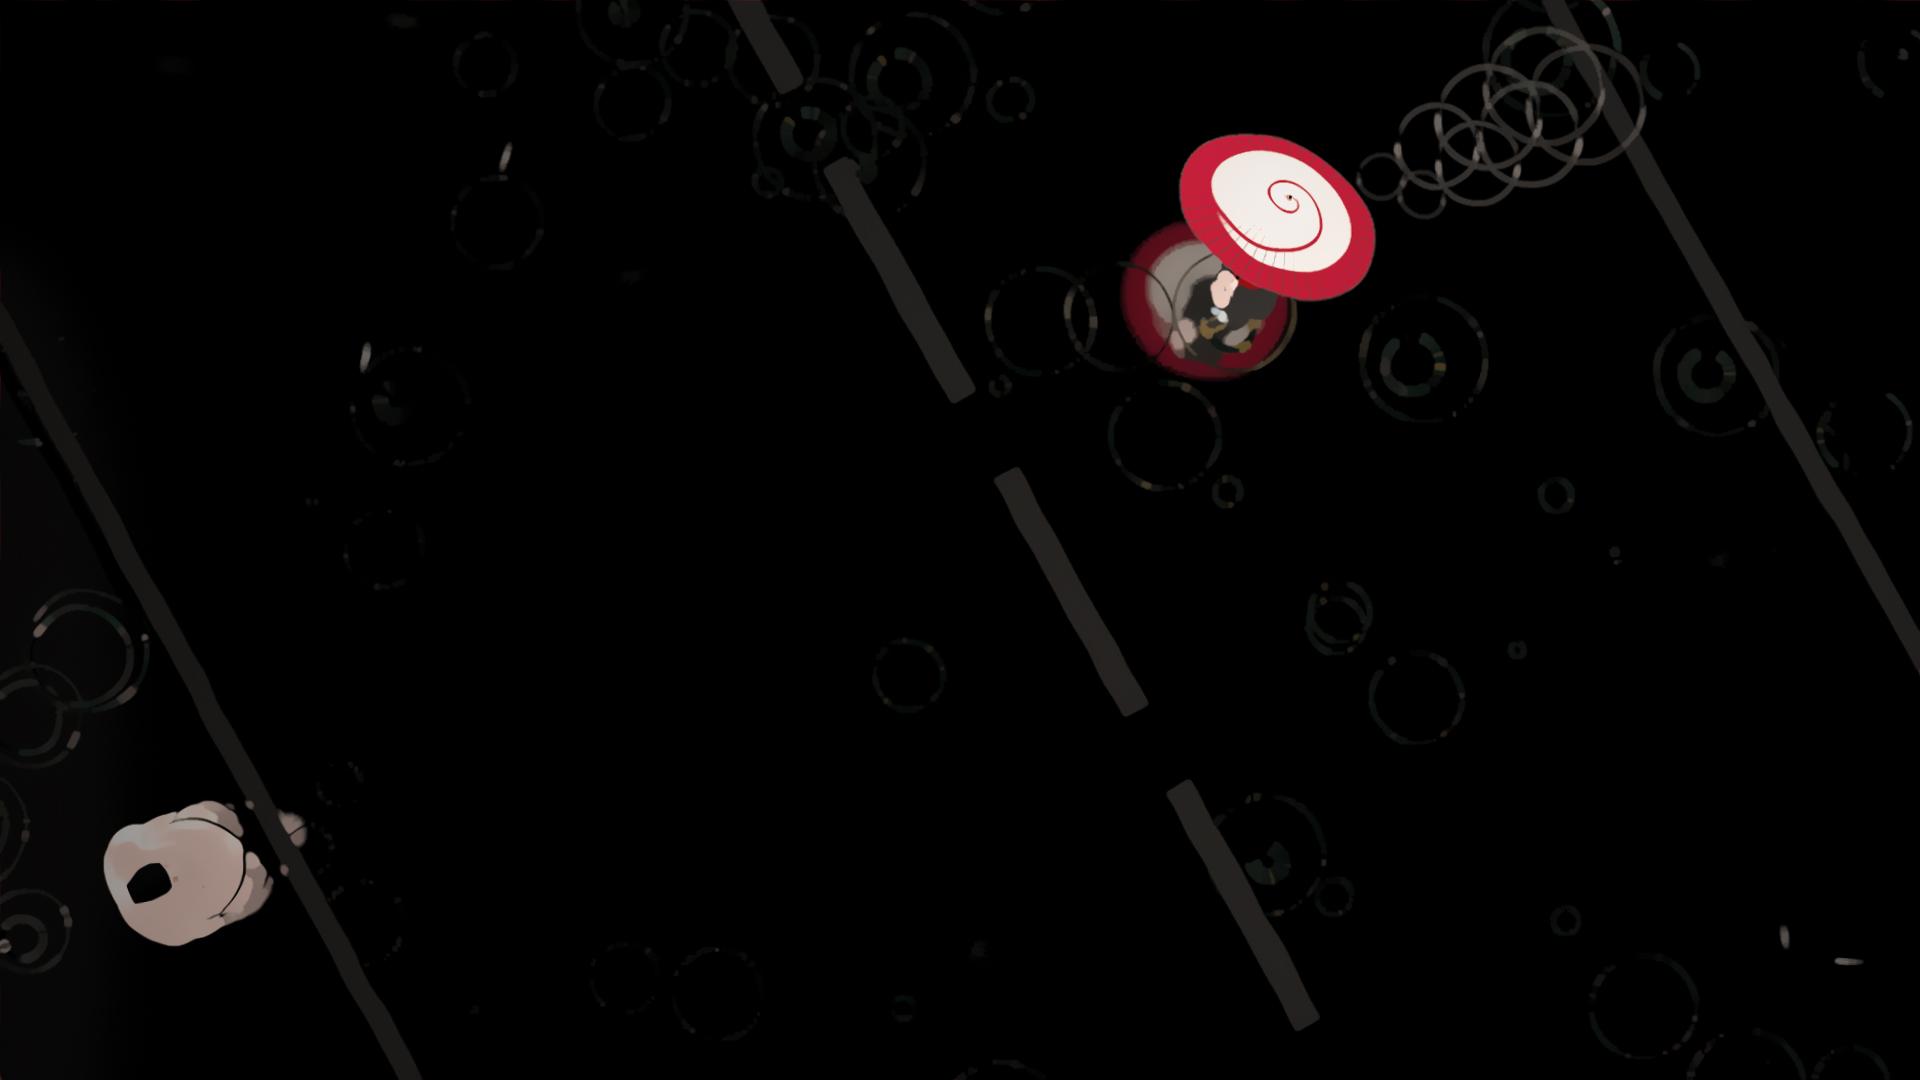 klaaskaat_akebonisumo_05.jpg